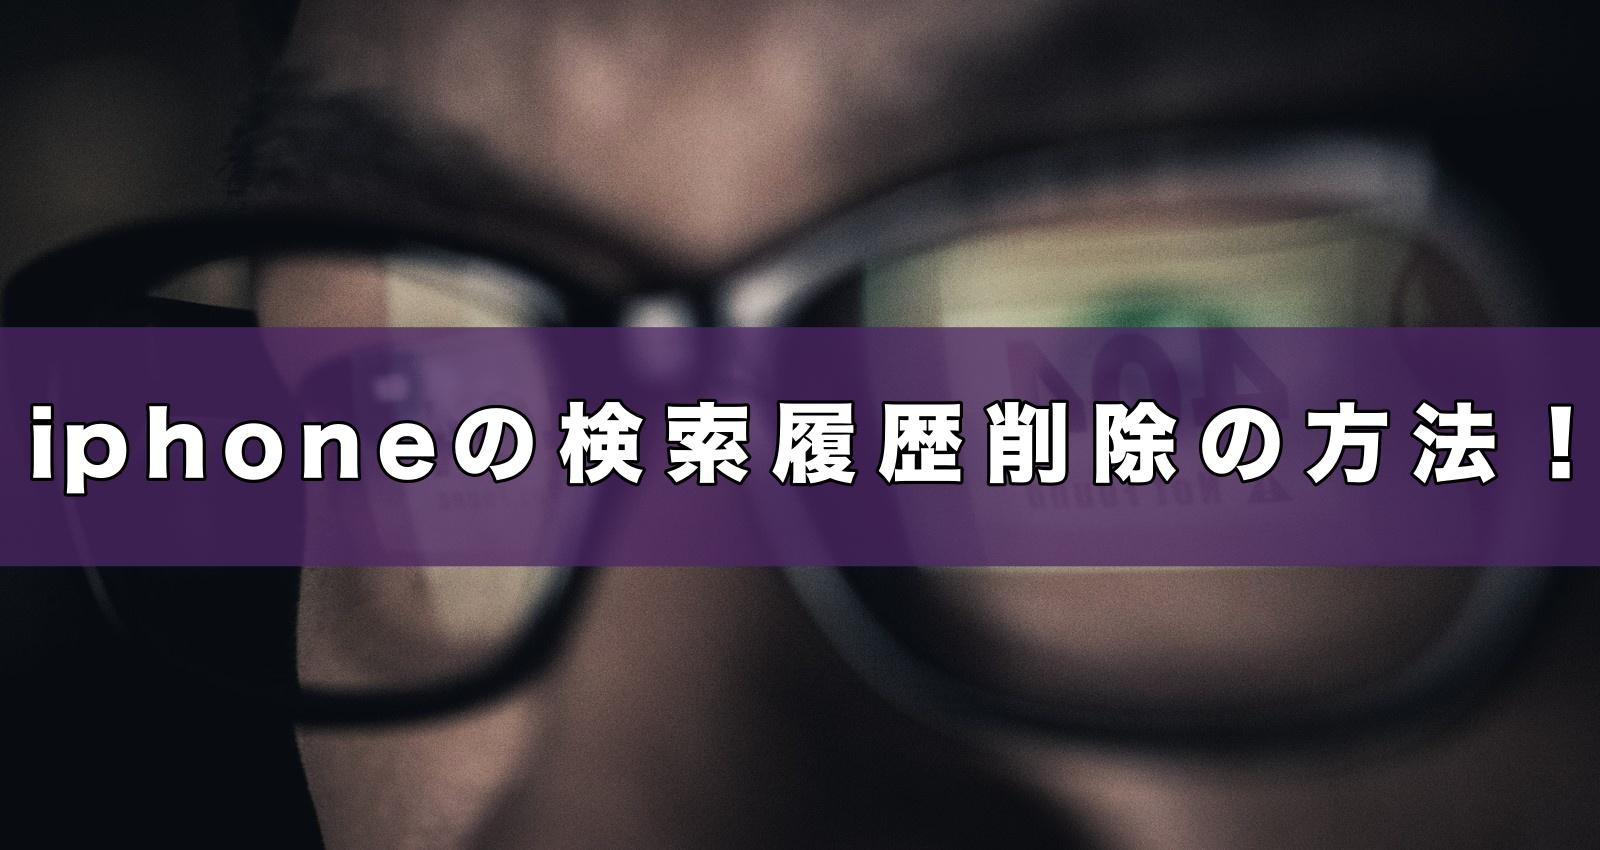 iphoneの検索履歴削除の方法!Yahoo/Google/Safari編